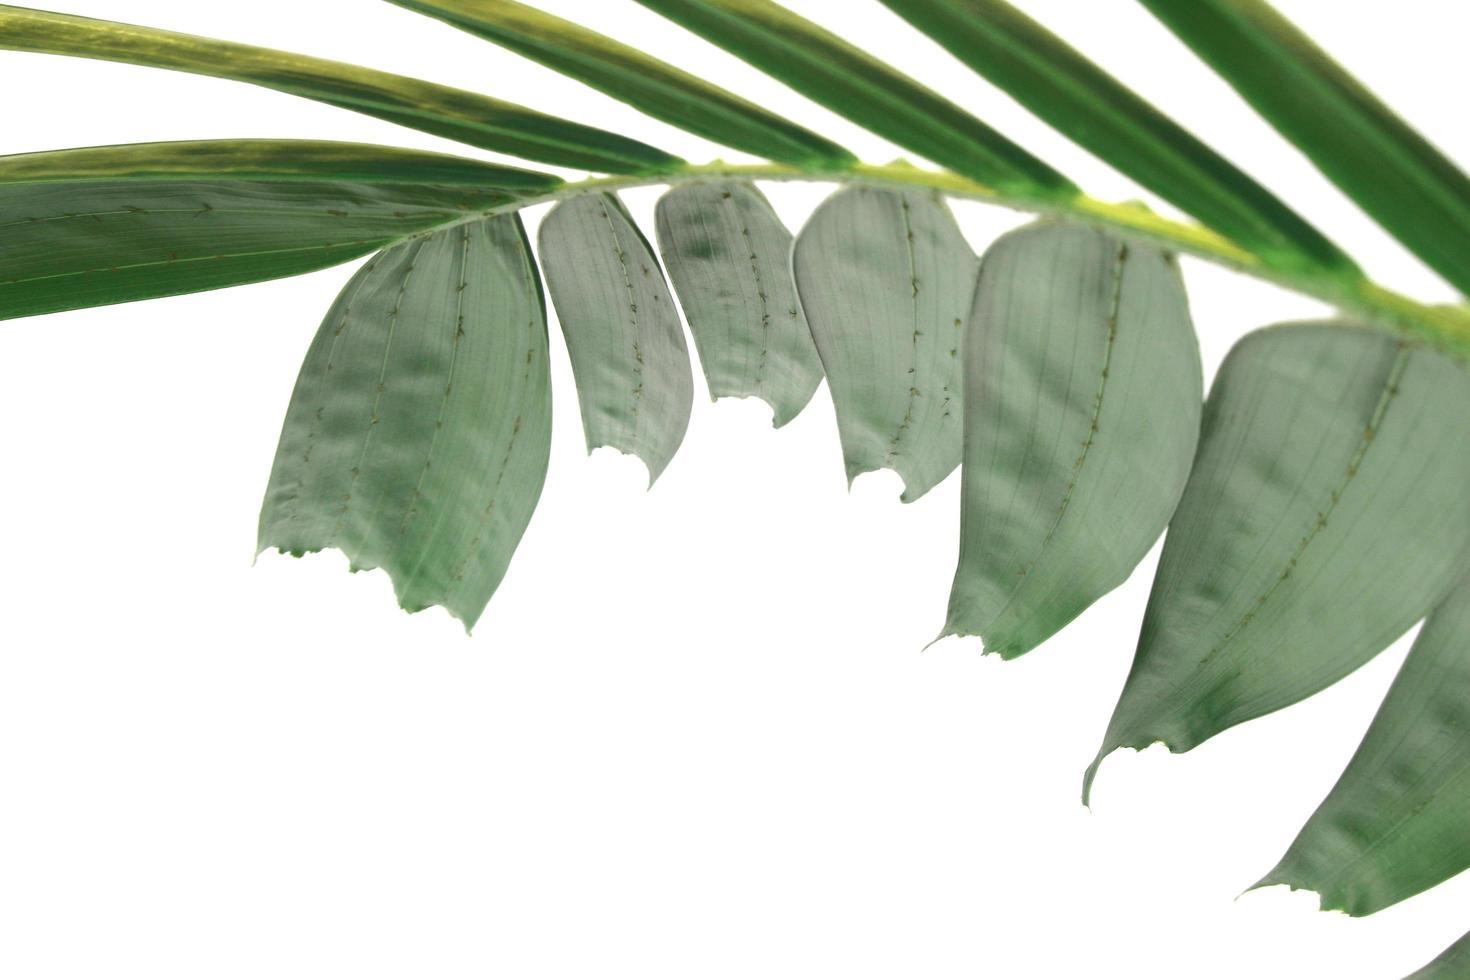 feuille de palmier vert créatif moderne isolé sur fond blanc photo